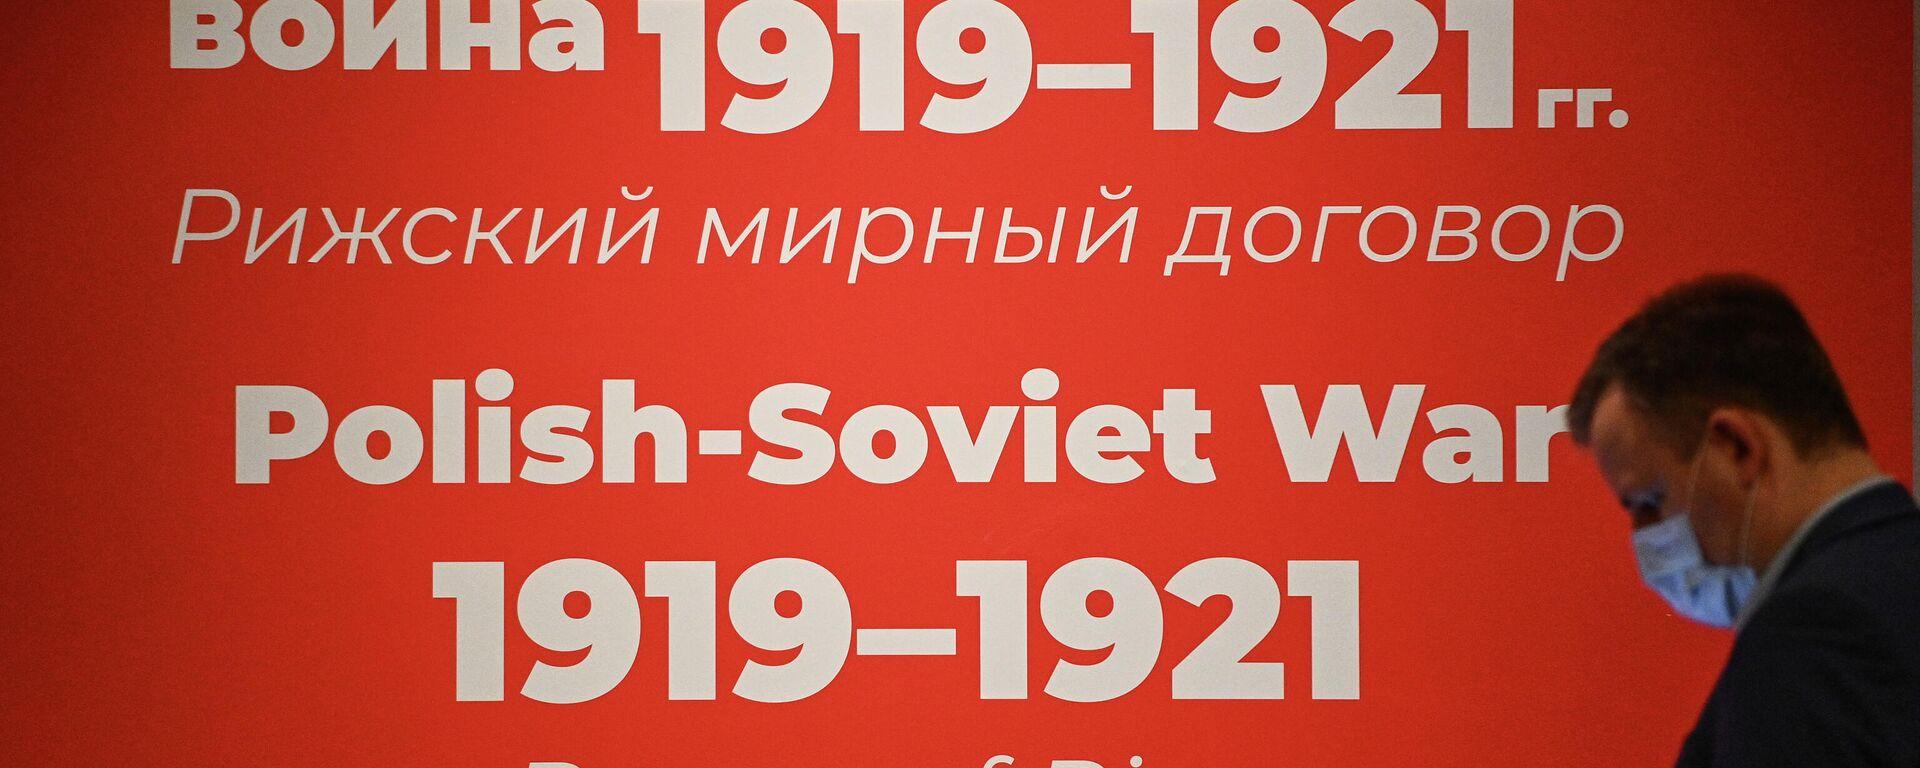 Выставка Польско-советская война 1919-1921 гг. Рижский мирный договор - Sputnik Узбекистан, 1920, 01.04.2021